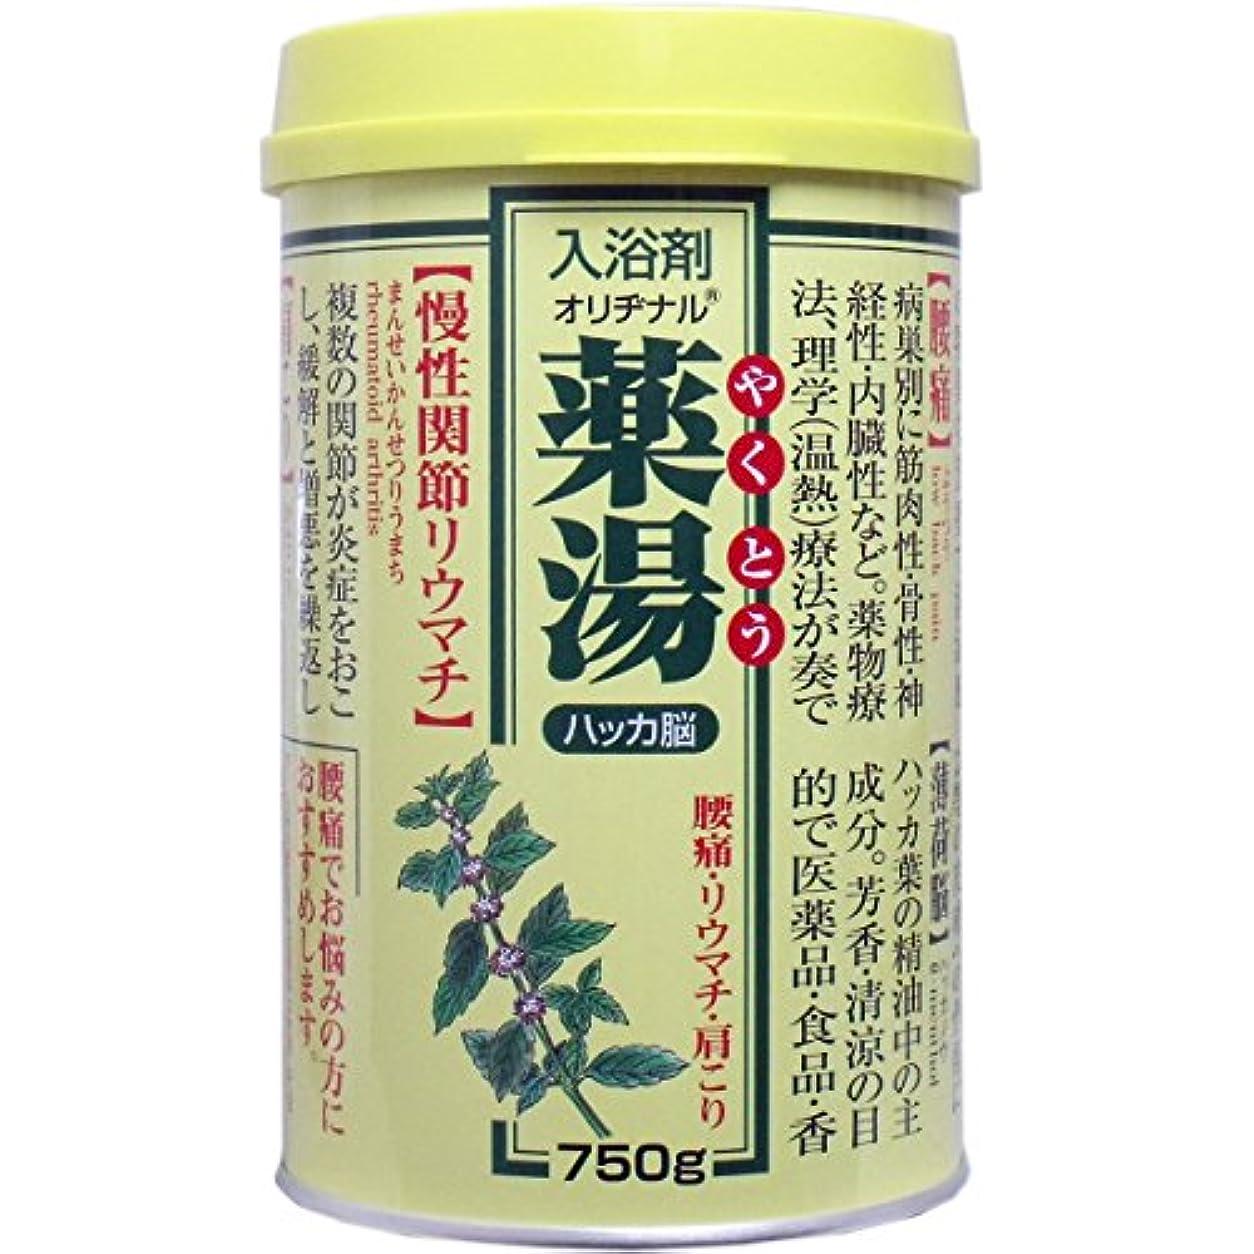 つま先引用アシスト【まとめ買い】NEWオリヂナル薬湯 ハッカ脳 750g ×2セット